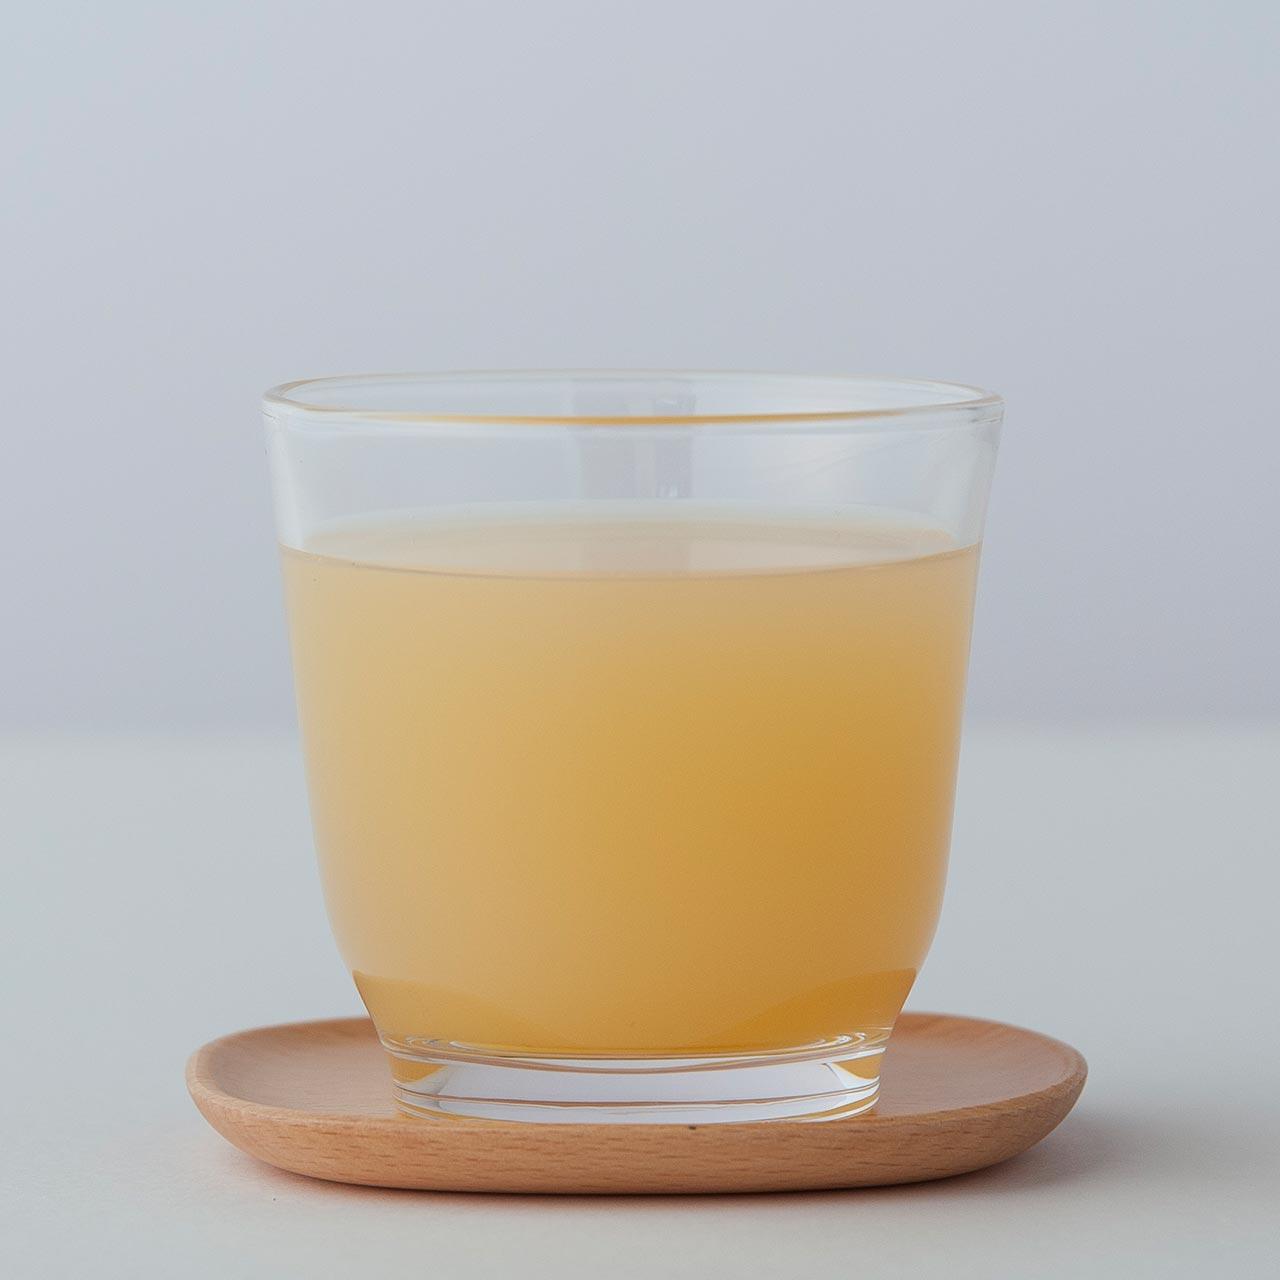 紙パック12本入り 医果同源未熟りんご入りりんごジュース